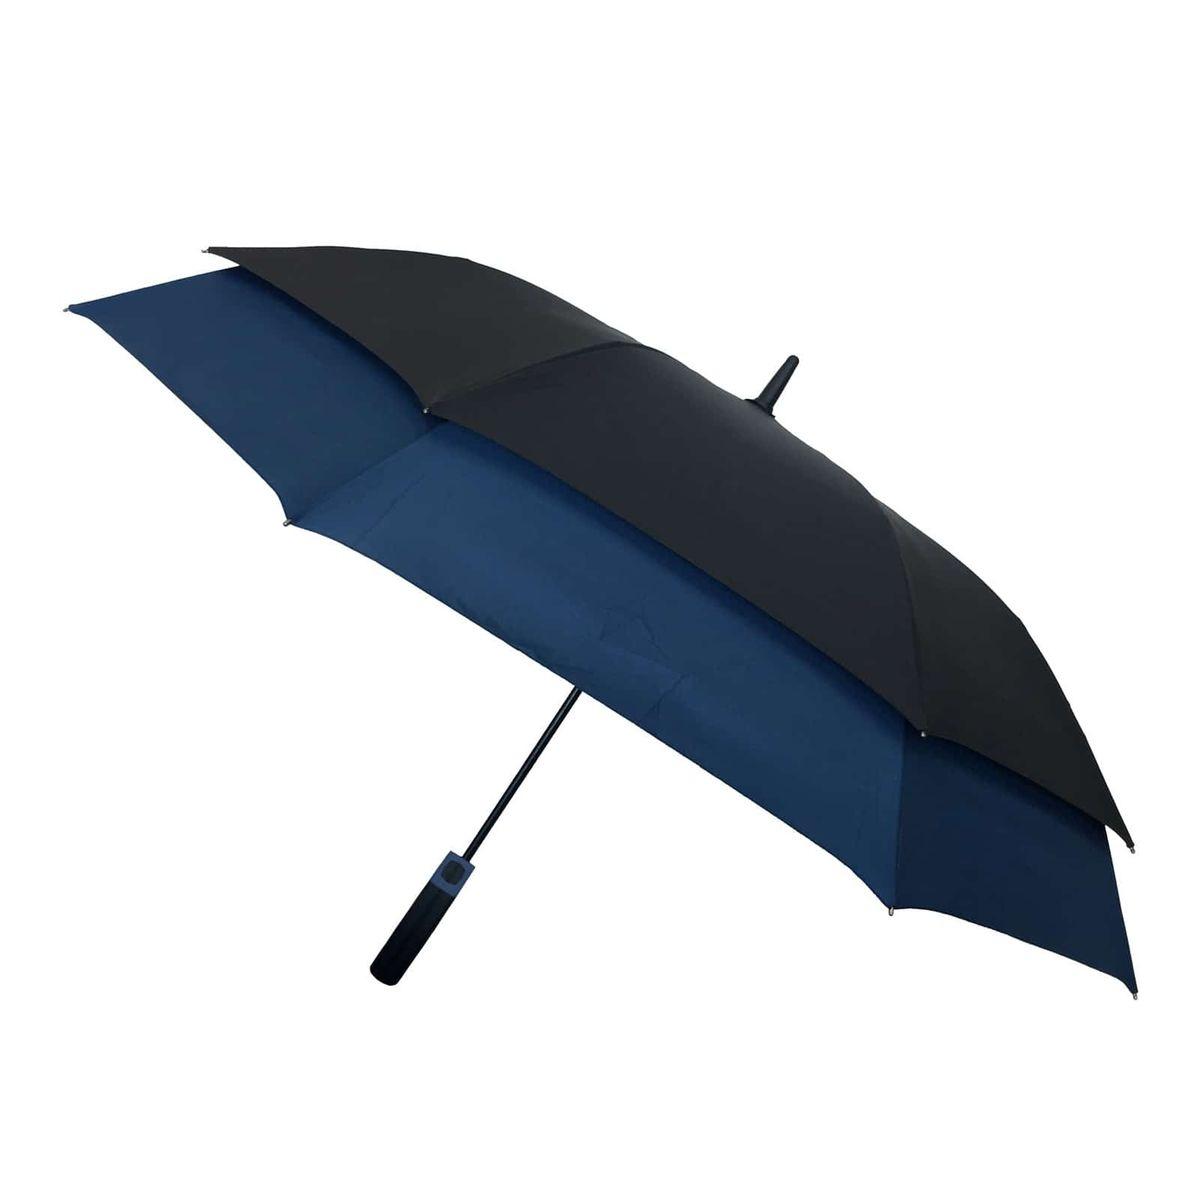 Parapluie extensible bleu